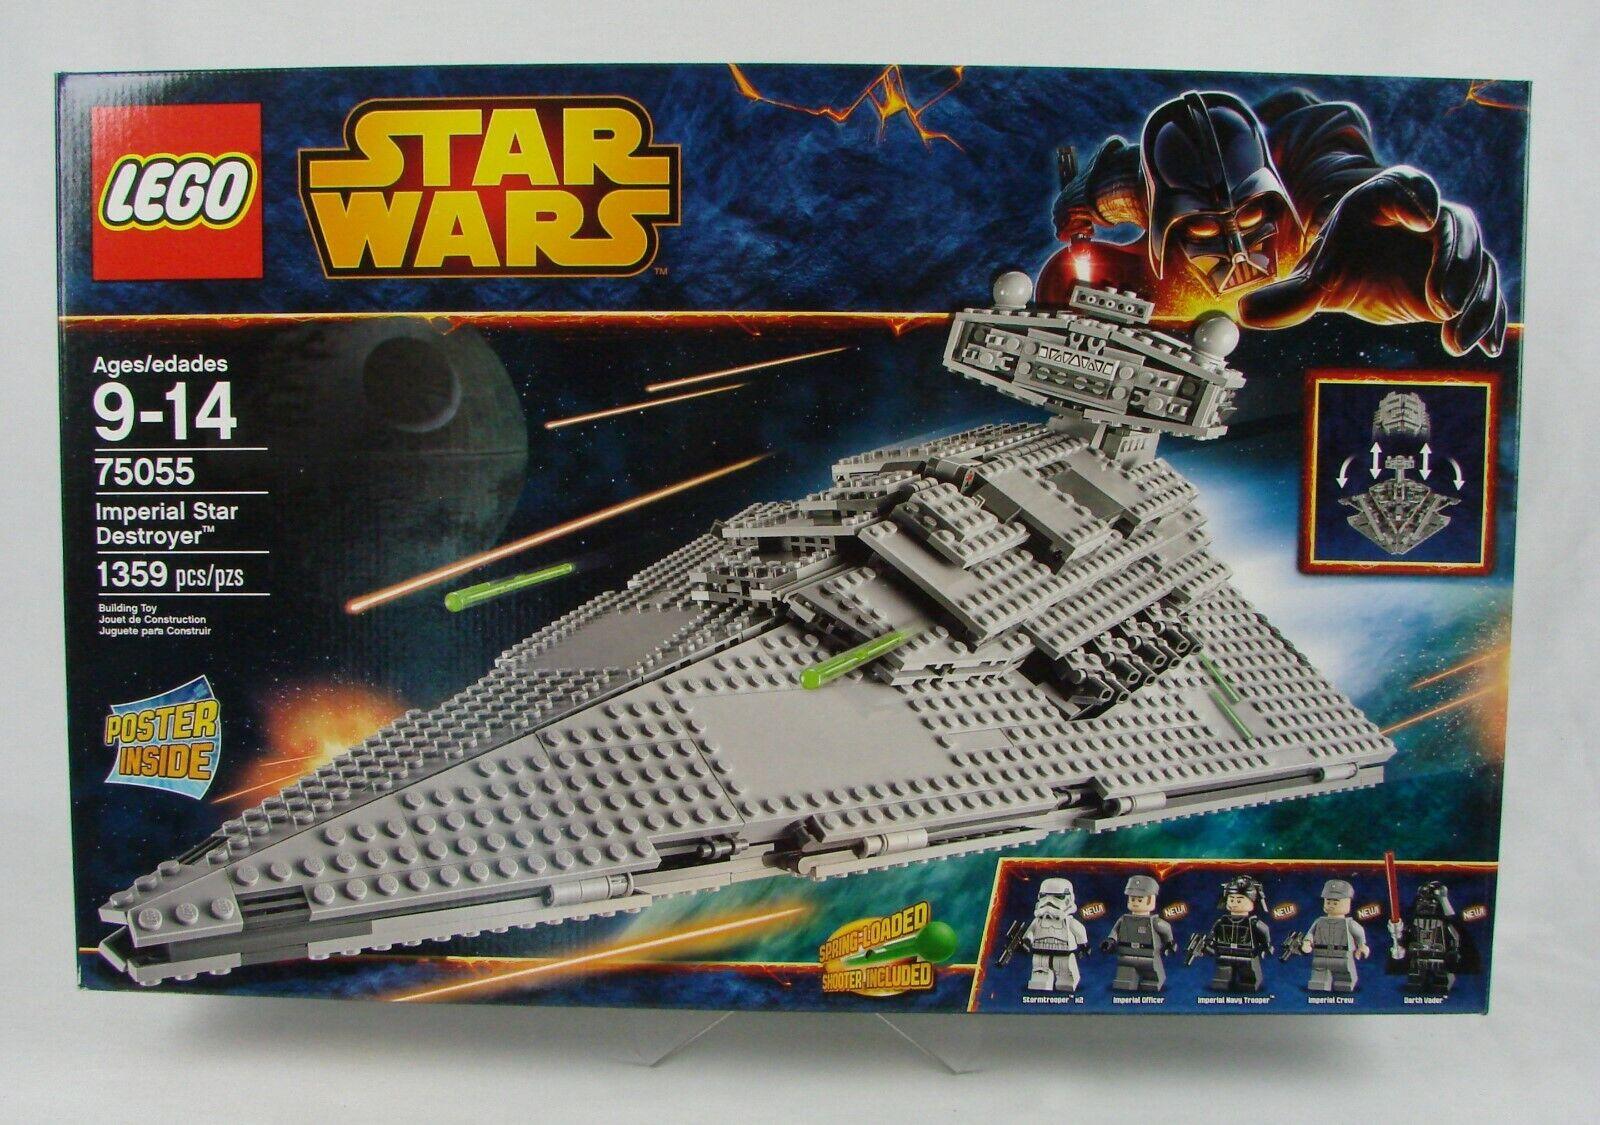 Lego  Star Wars  Imperial Imperial Imperial Star Destroyer   (2014) 1359 pcs  NISB 9fc9a0